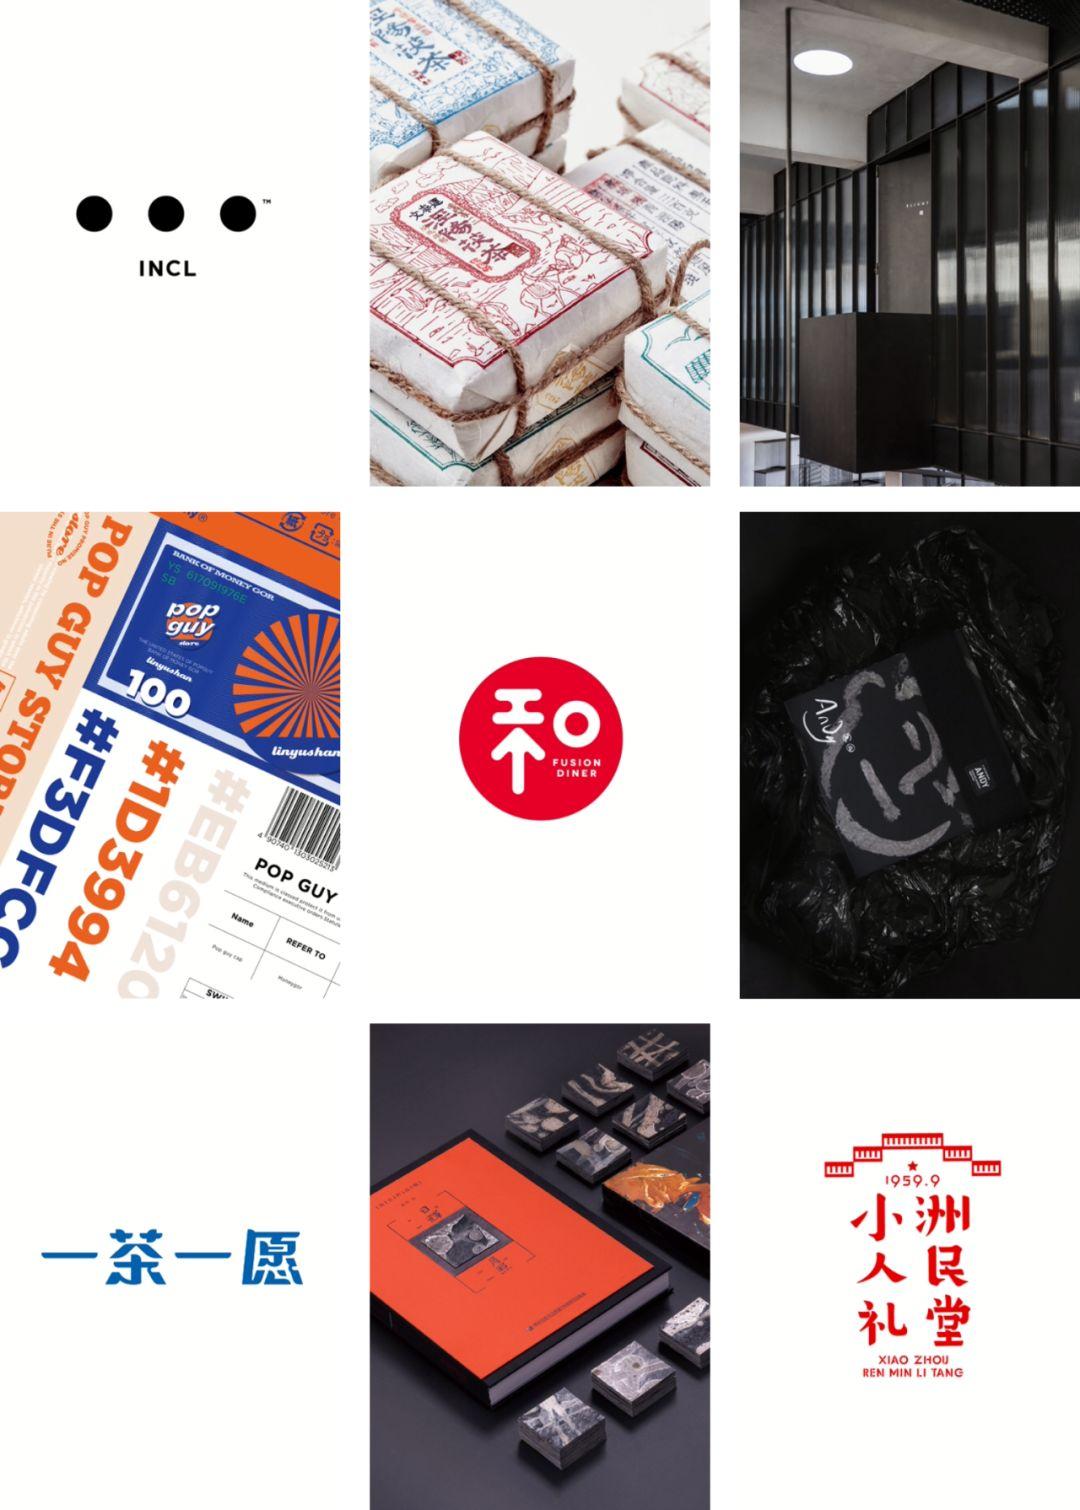 截止|CGDA2019平面设计学院奖(大赛农家乐规划设计图片